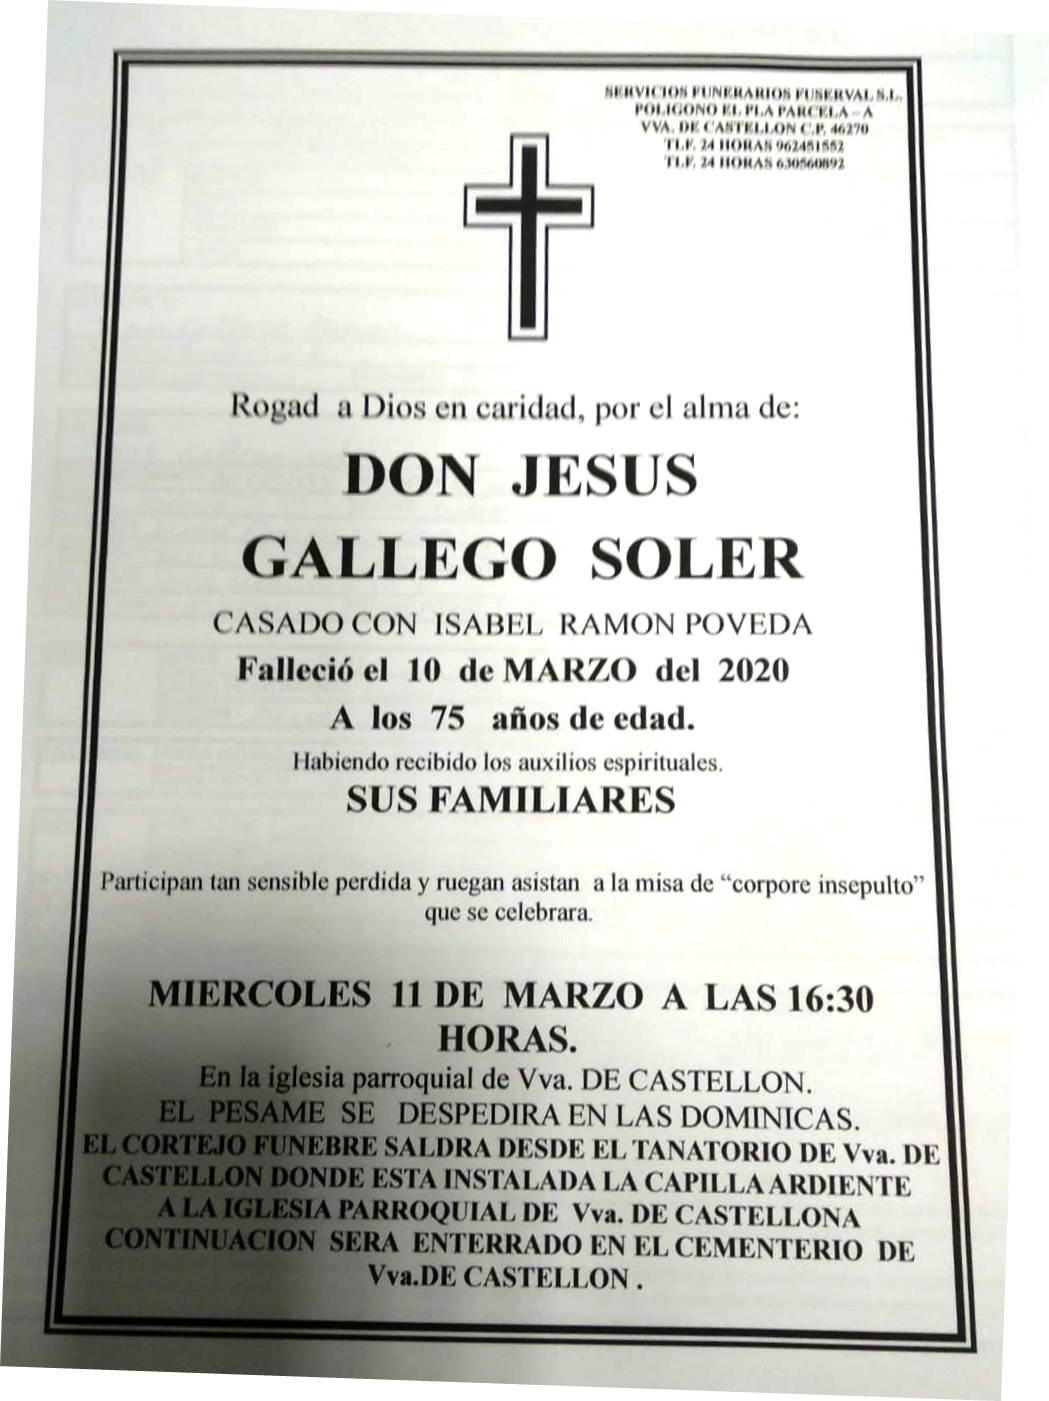 JESUS GALLEGO SOLER